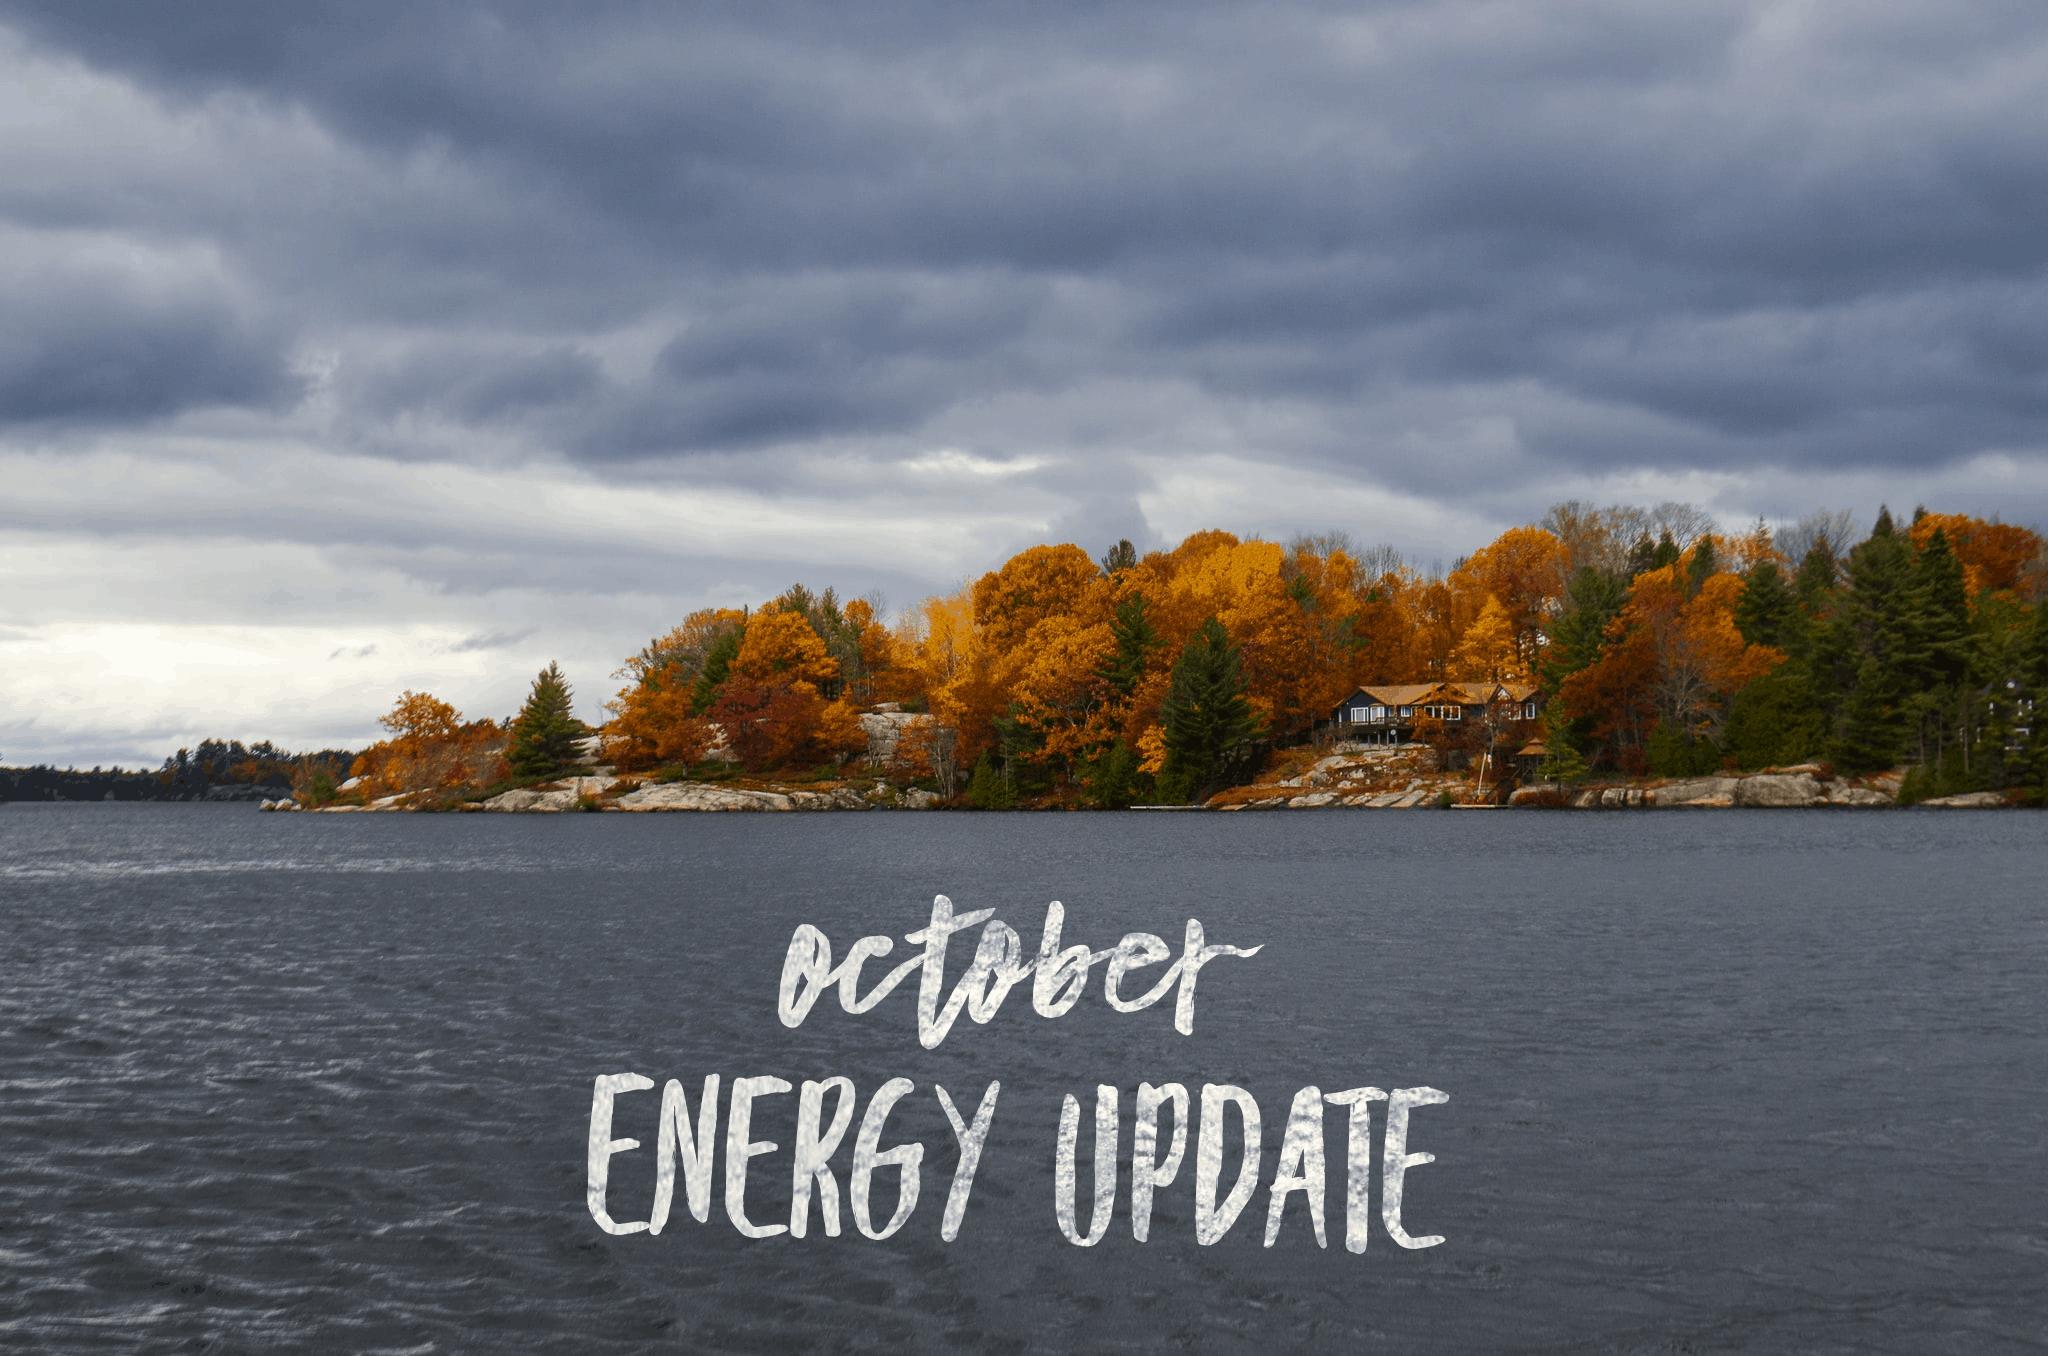 October Energy Update